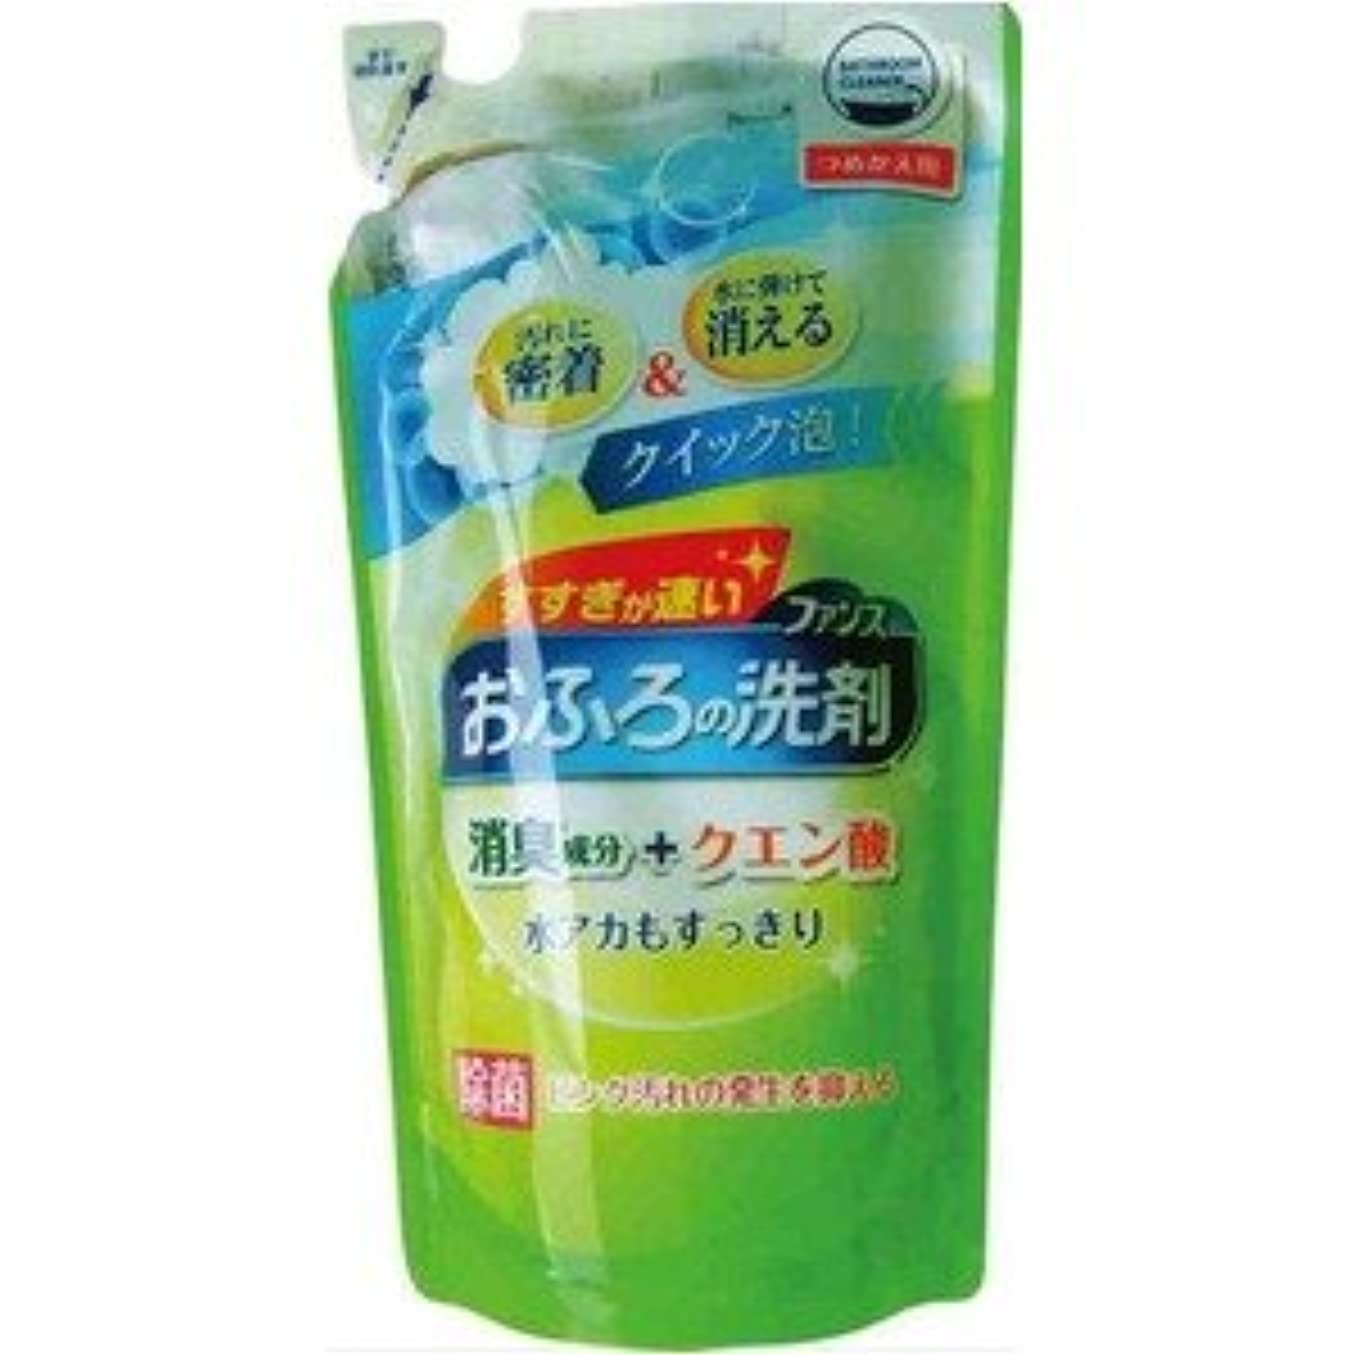 線ラッシュ永遠のファンス おふろの洗剤グリーンハーブ詰替用330ml 46-262 【200個セット】